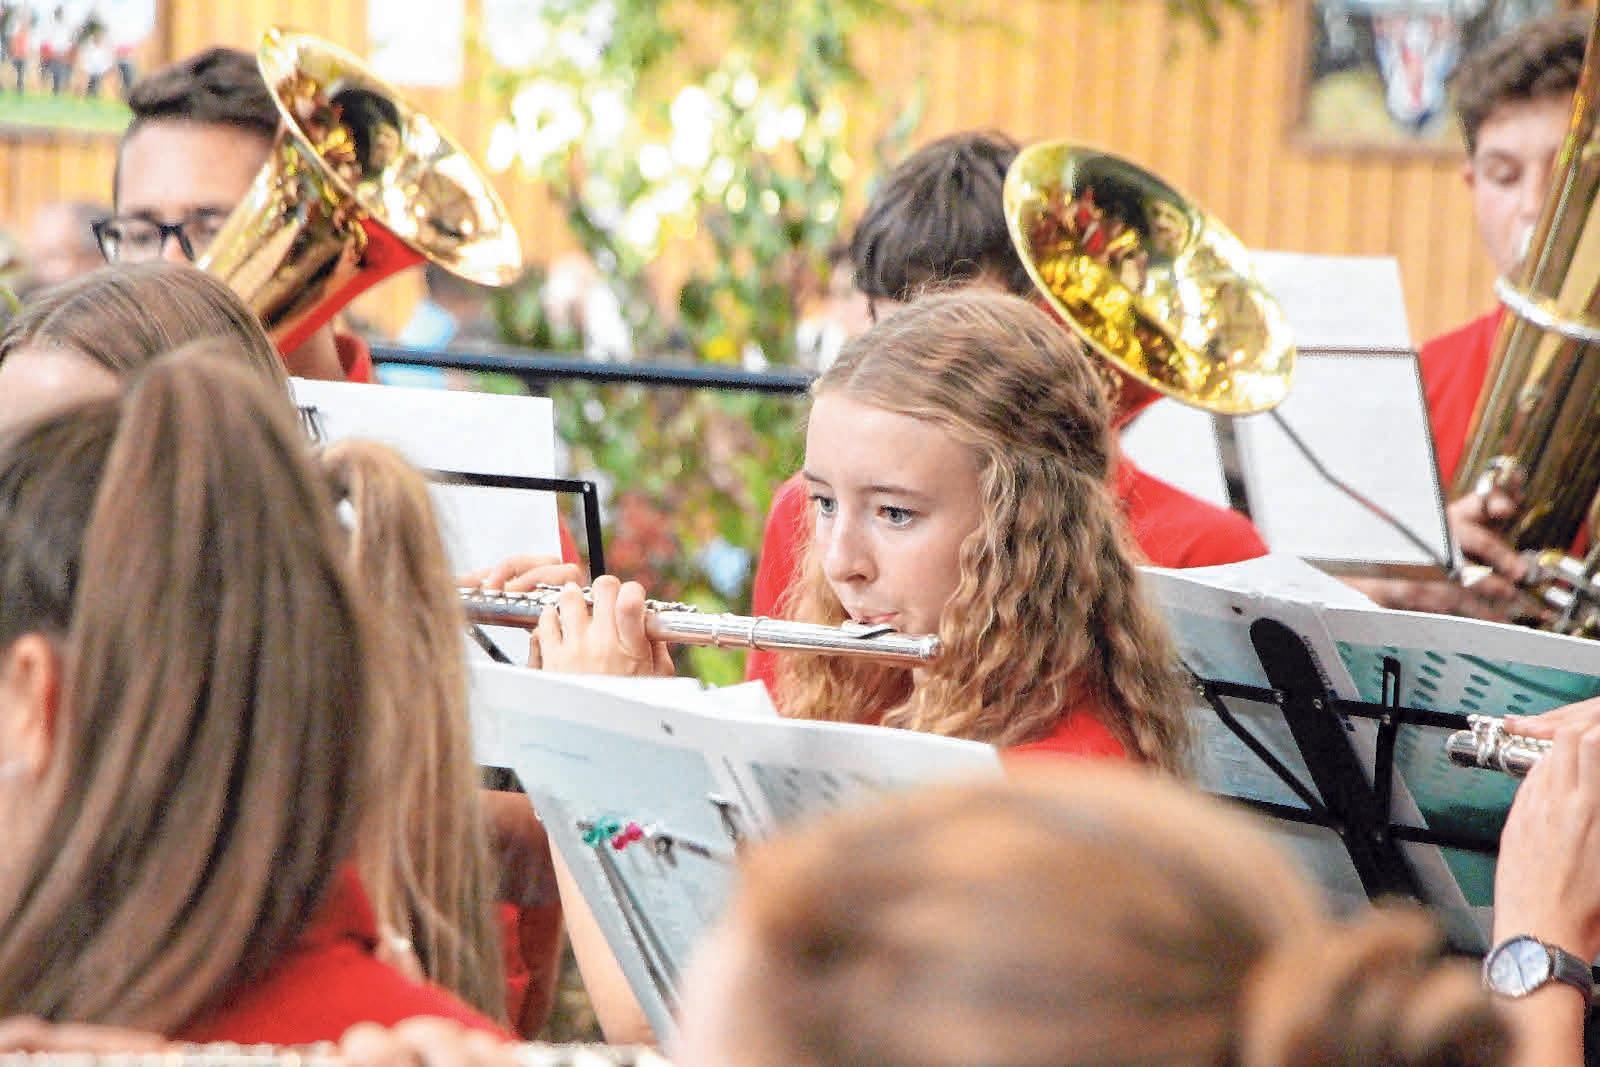 Das Jubiläumsjahr des Musikvereins - ein Fest jagt das andere Image 3